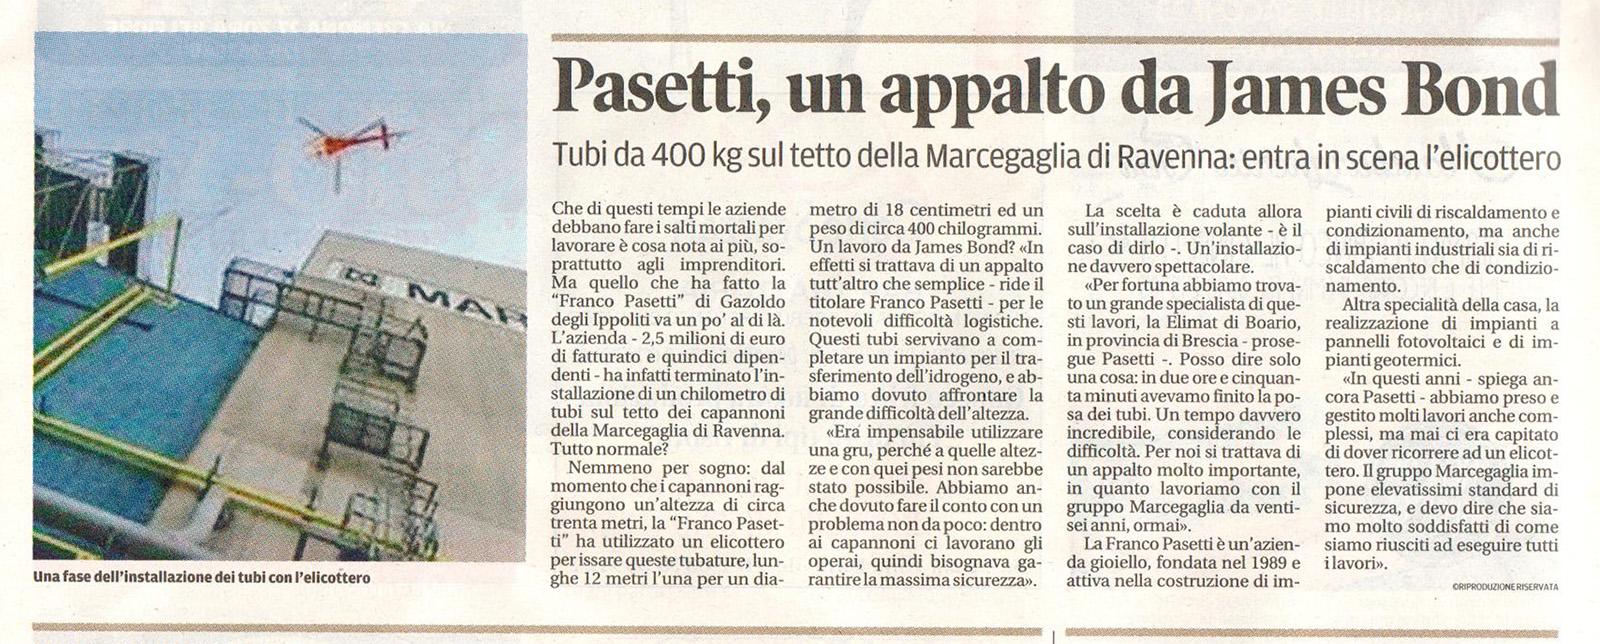 Articolo Gazzetta di Mantova 27 10 15